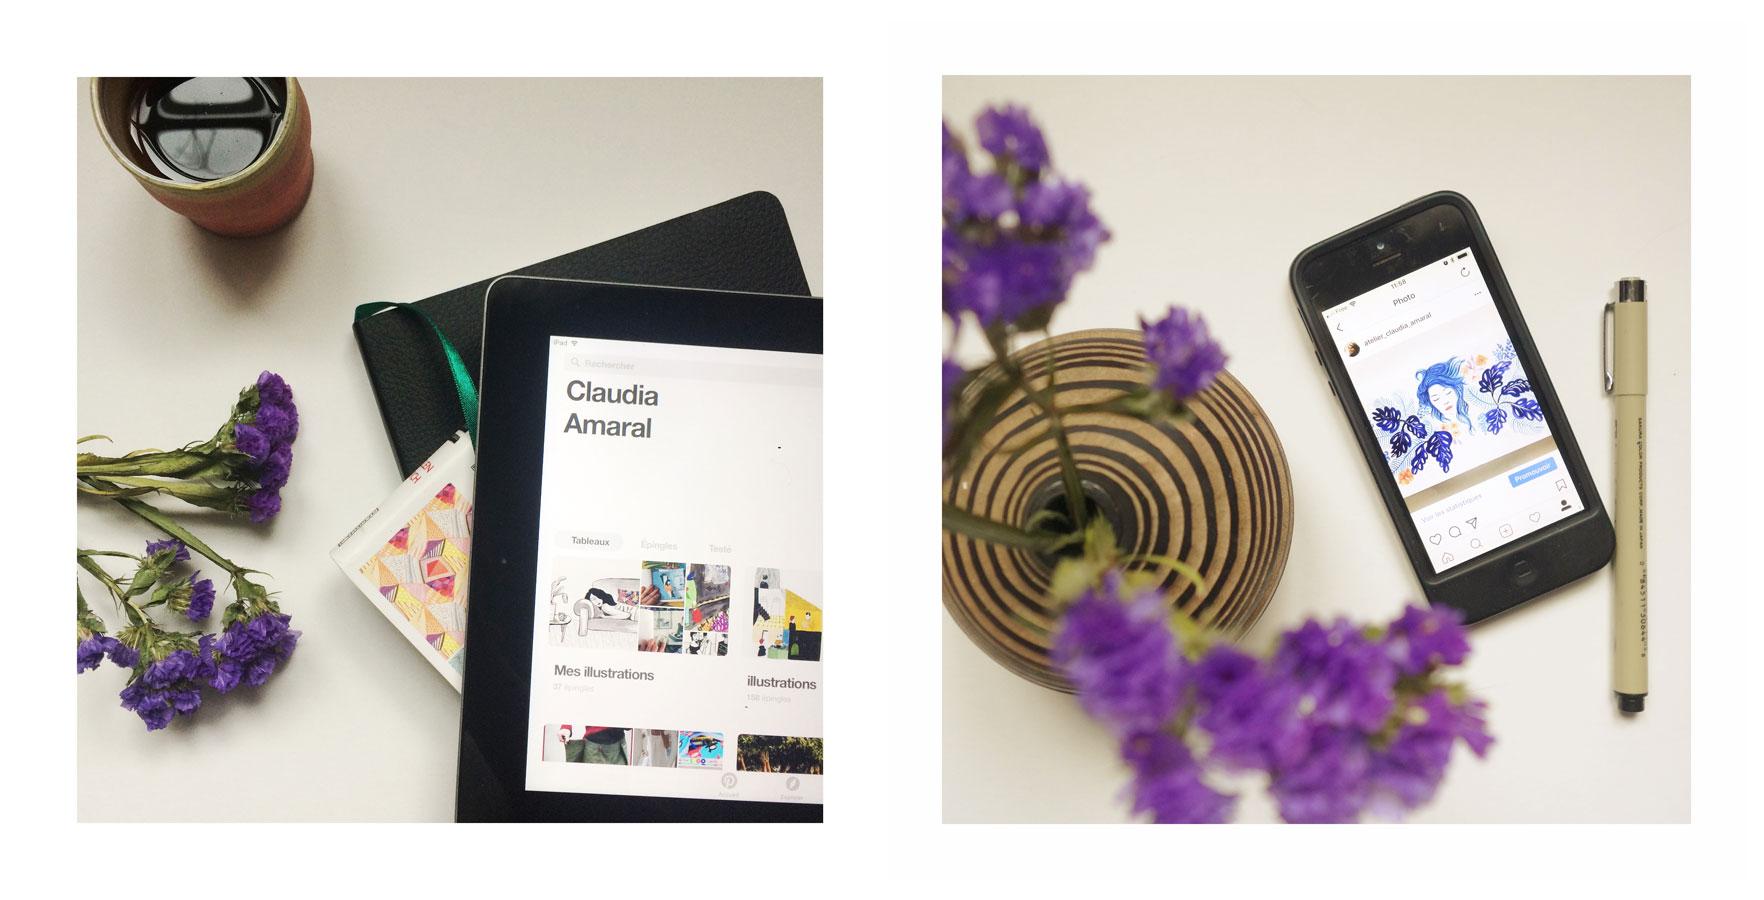 Foto mostrando um iPad e um telefone conectados nas redes sociais